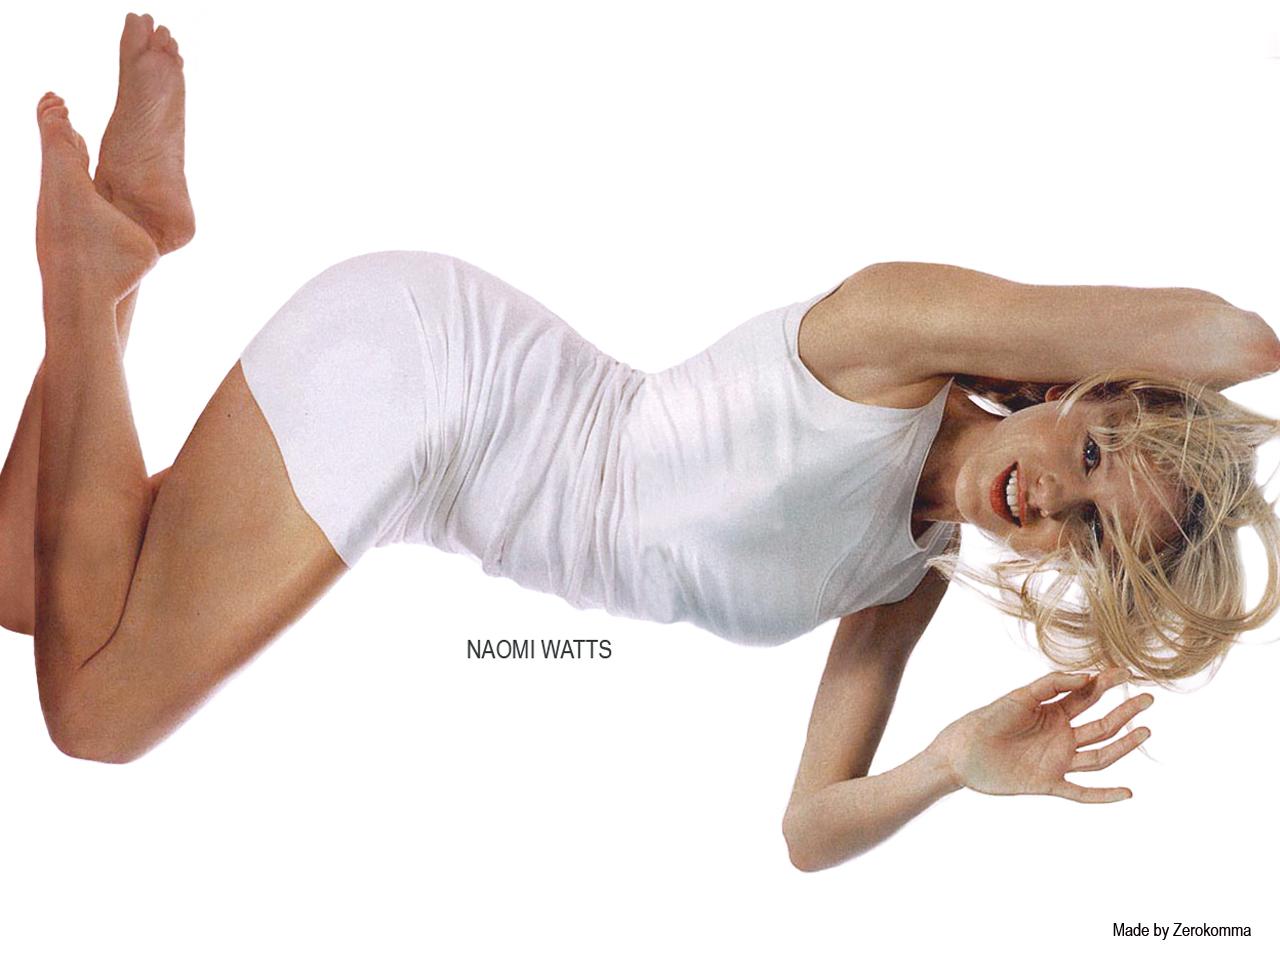 http://4.bp.blogspot.com/-eSaxQTtQGQQ/T_RQPxDFgHI/AAAAAAAACZs/zLJraQ4wRxI/s1600/Naomi-Watts-Feet-180598.jpg